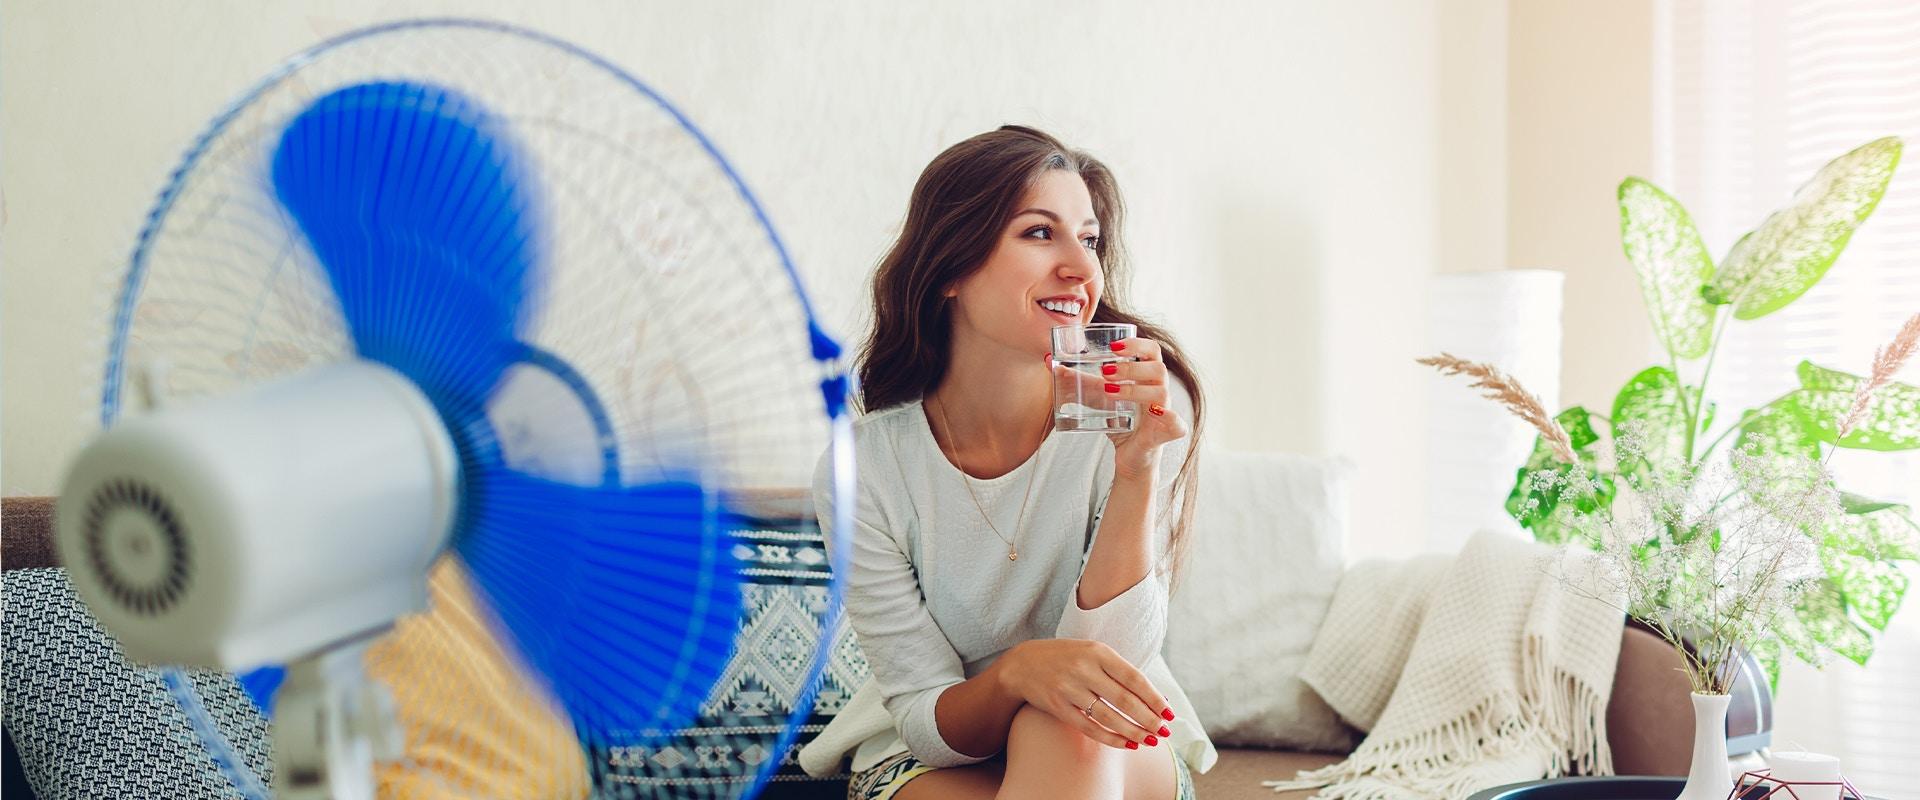 Eine Frau sitzt vor einem Ventilator und trinkt ein Glas Wasser.